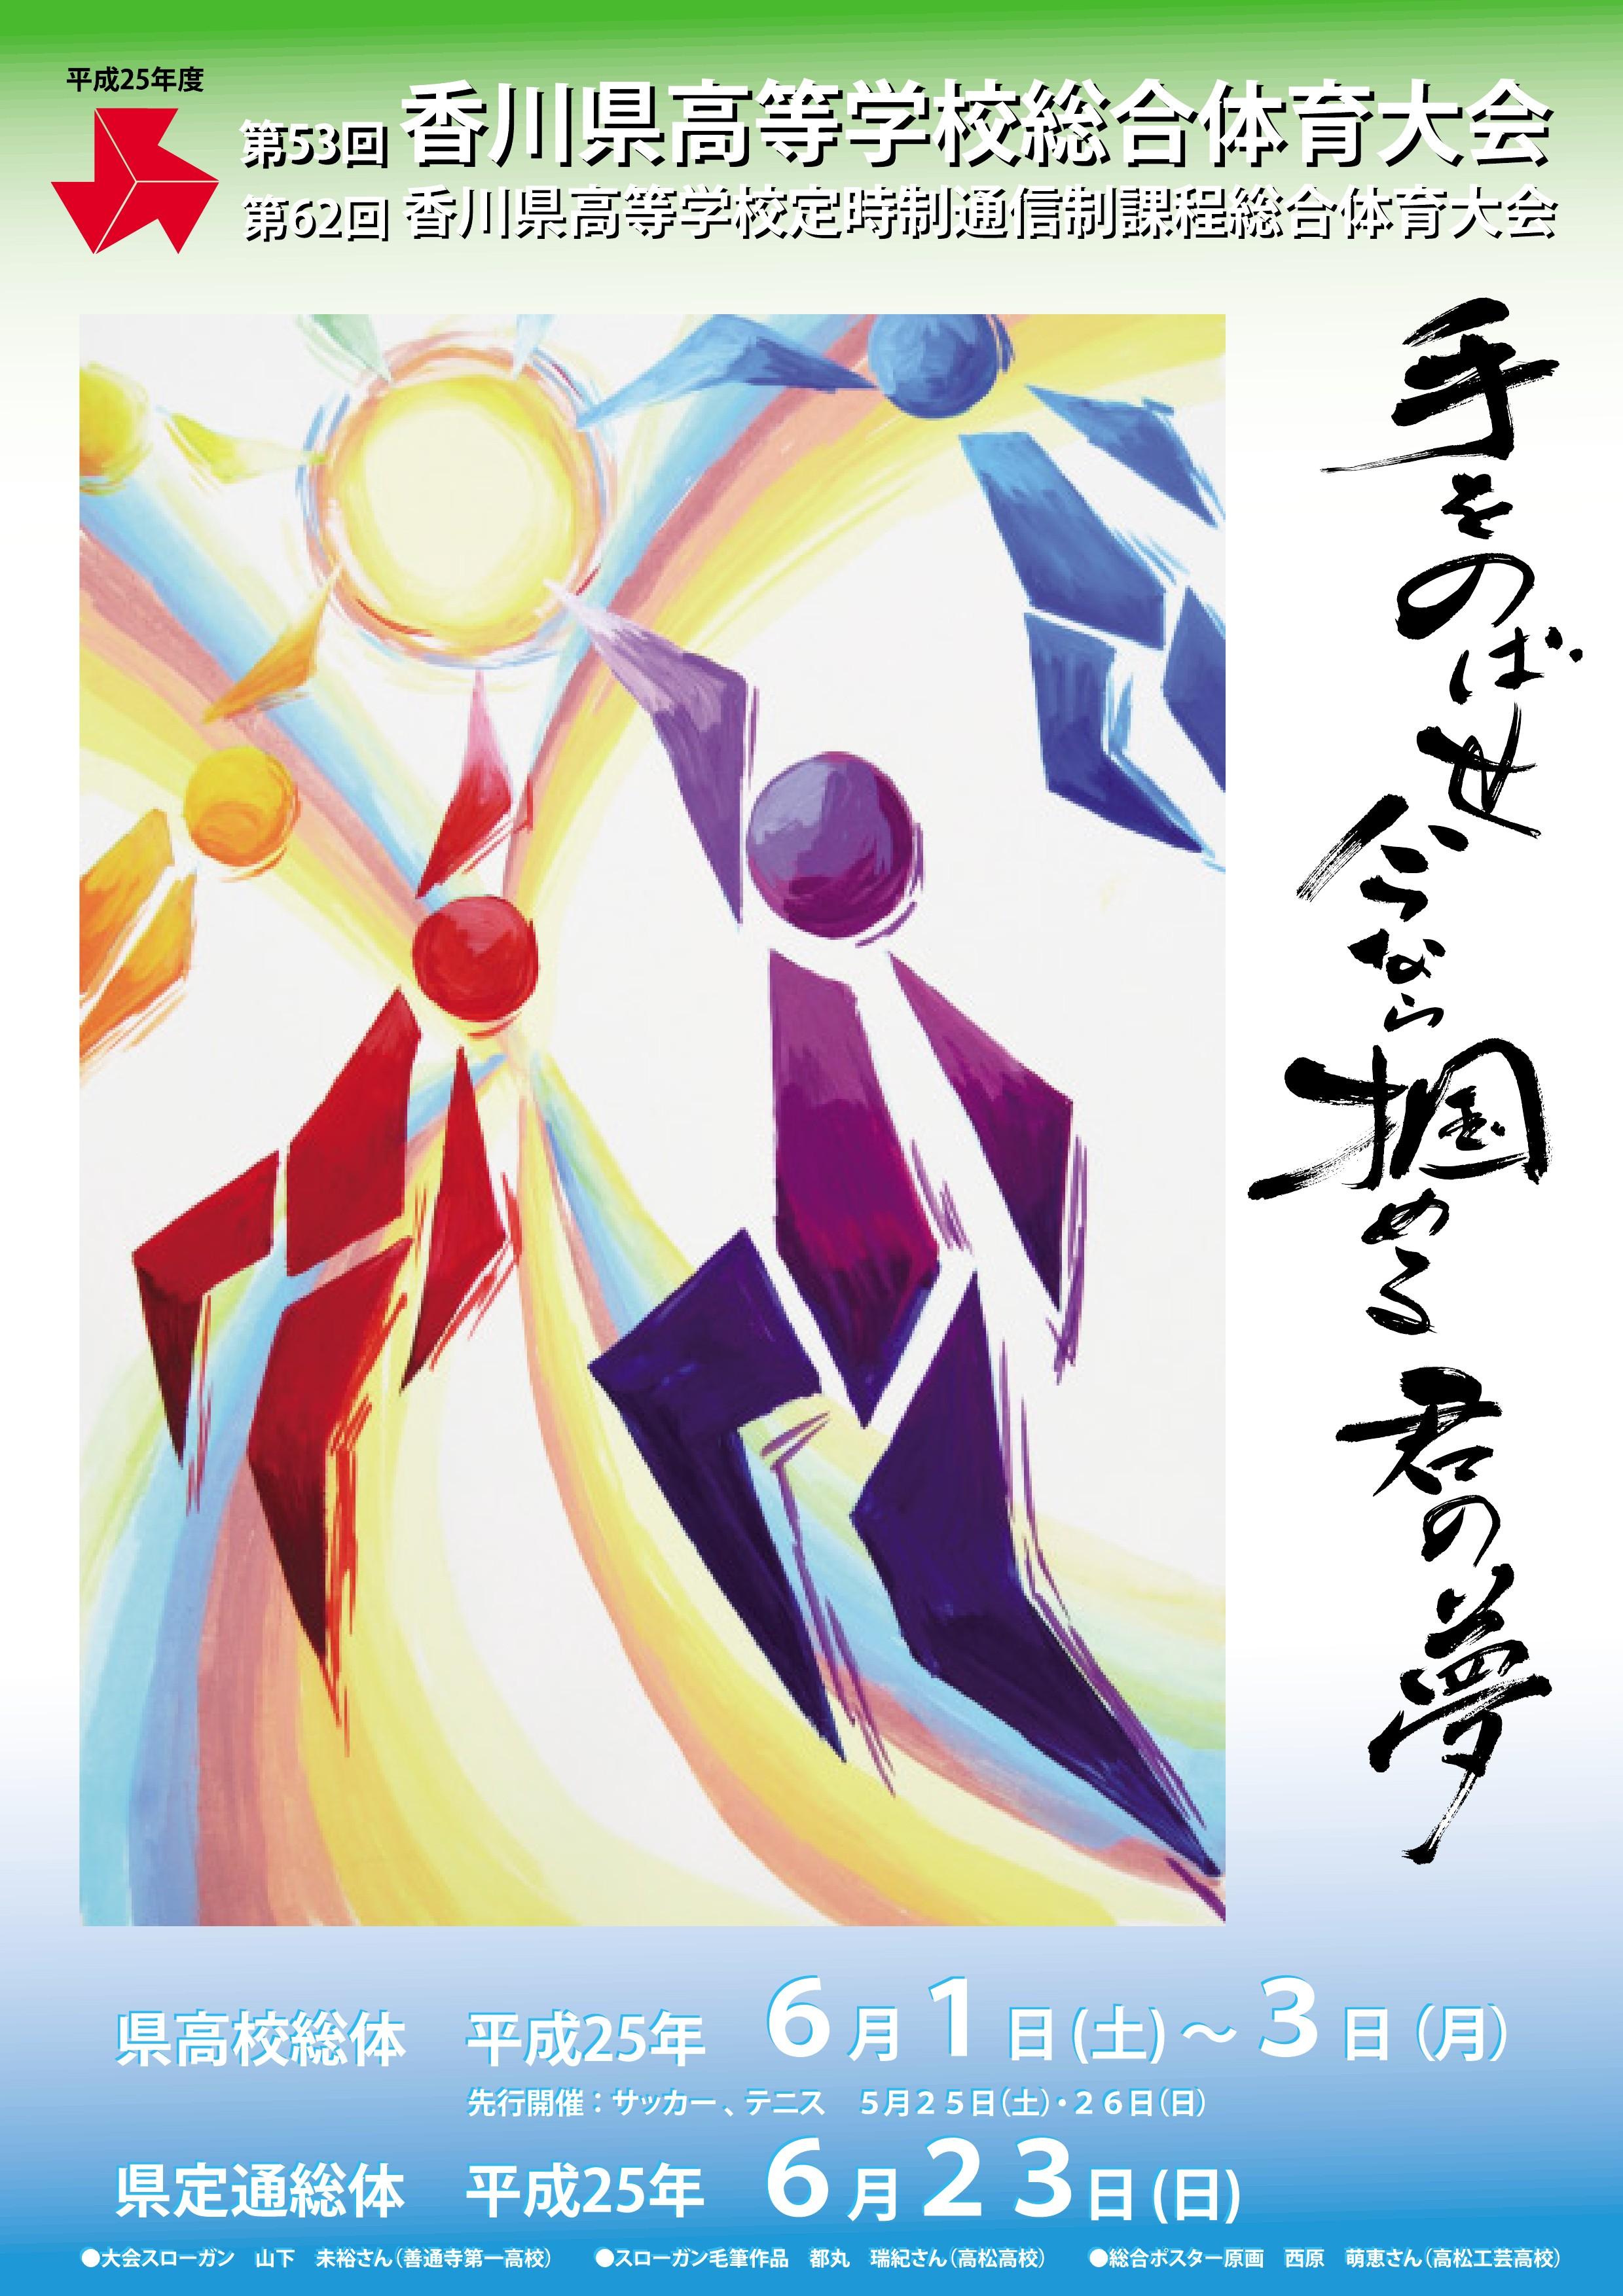 平成25年度 香川県高校総体